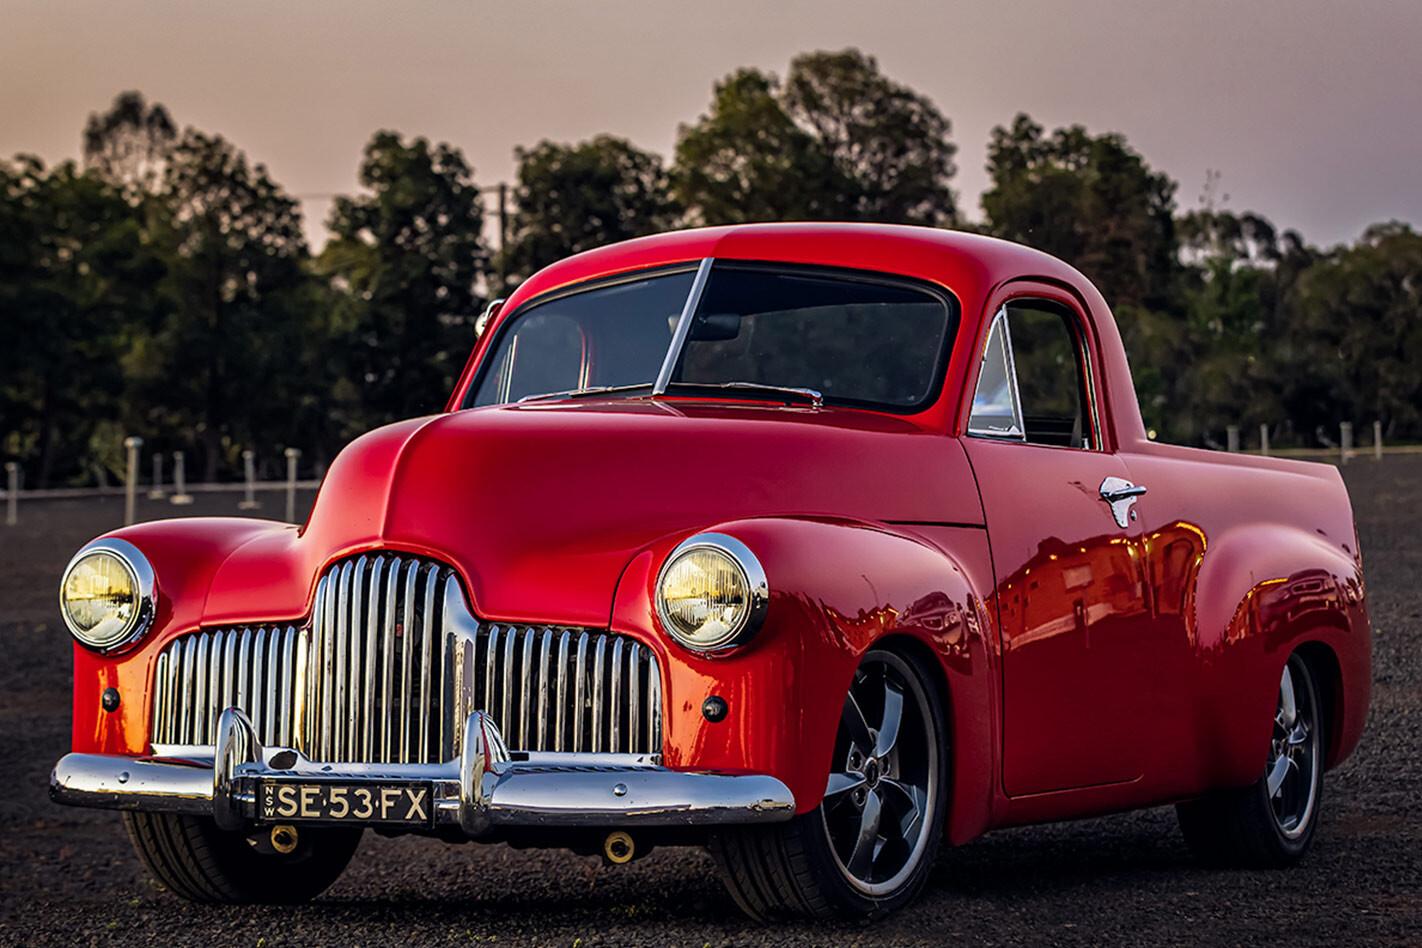 FX Holden Dubbo Jpg